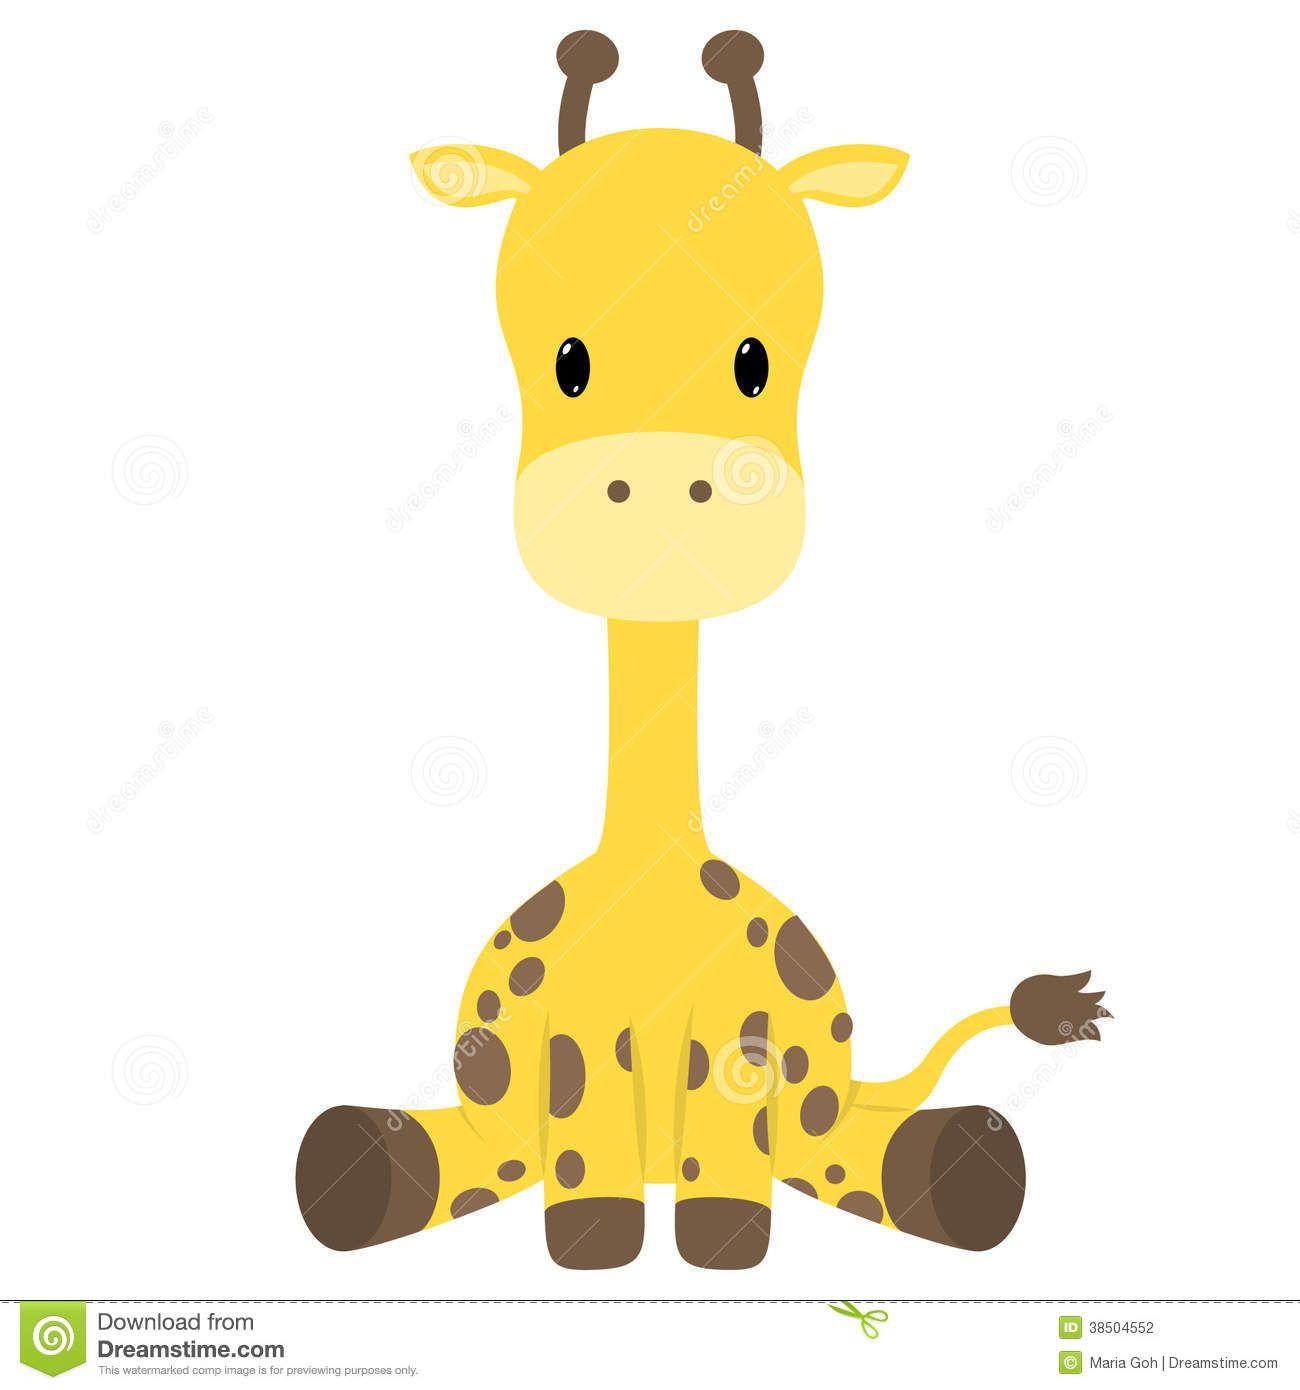 Clipart Shower De Bebe Recherche Google Baby Giraffe Tattoo Baby Giraffe Pictures Cartoon Giraffe